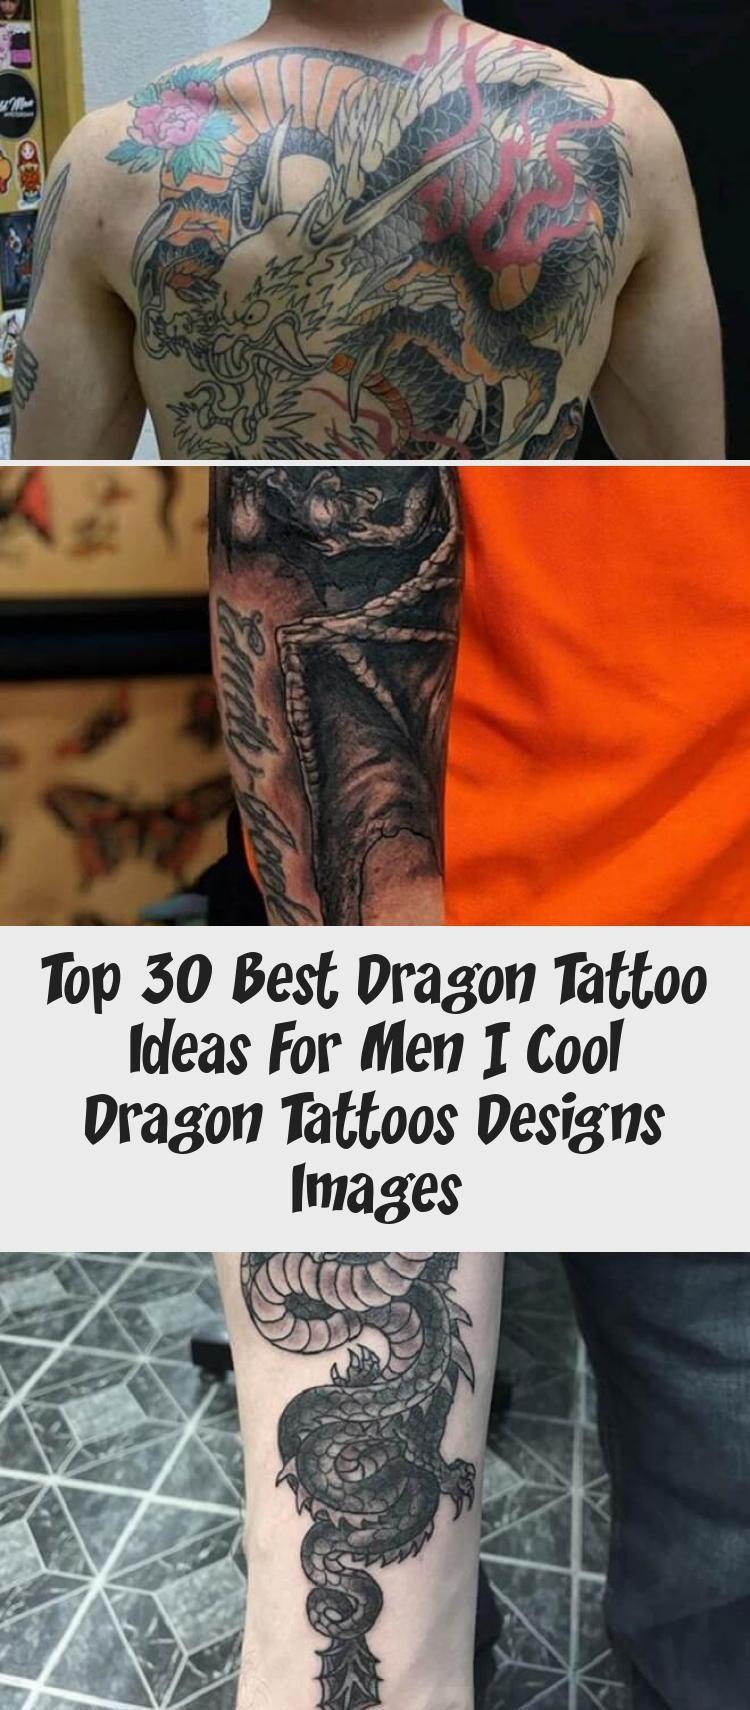 Photo of Top 30 der besten Dragon Tattoo Ideen für Männer | Coole Dragon Tattoos Designs Bilder – T …